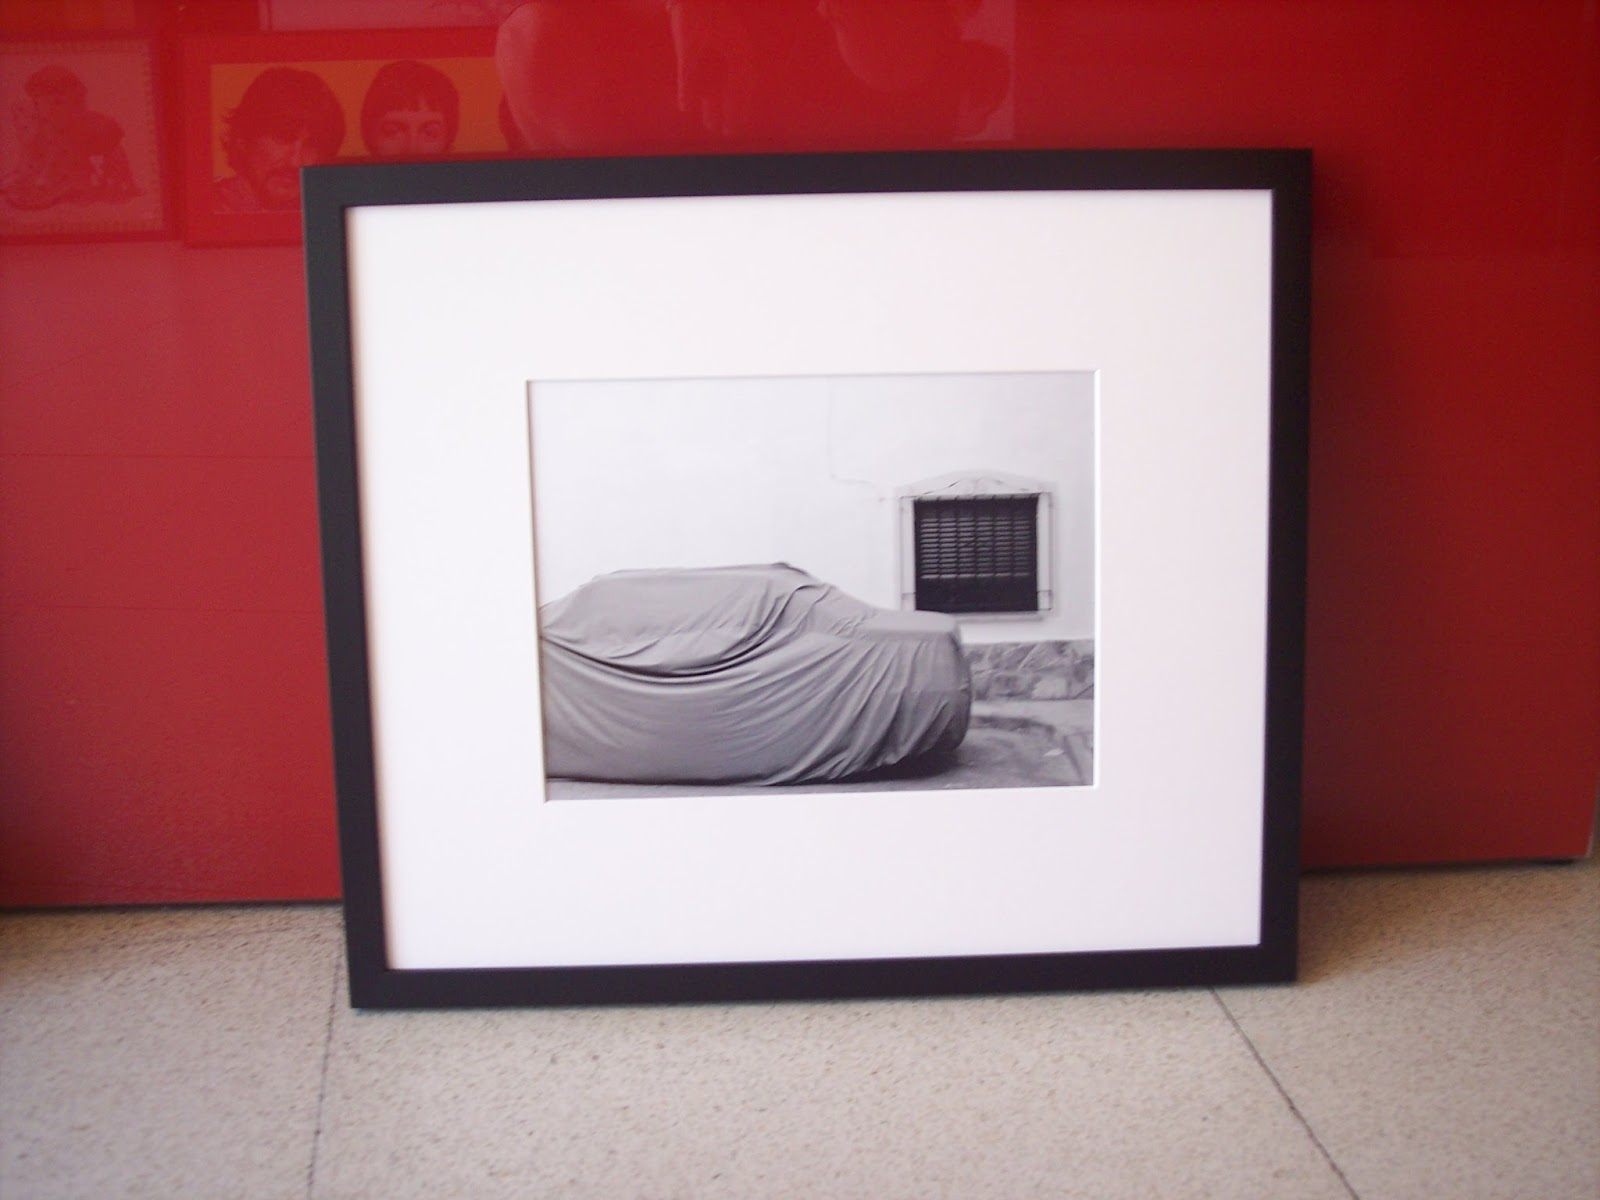 Mis cuadros blanco y negro - Fotos y cuadros ...